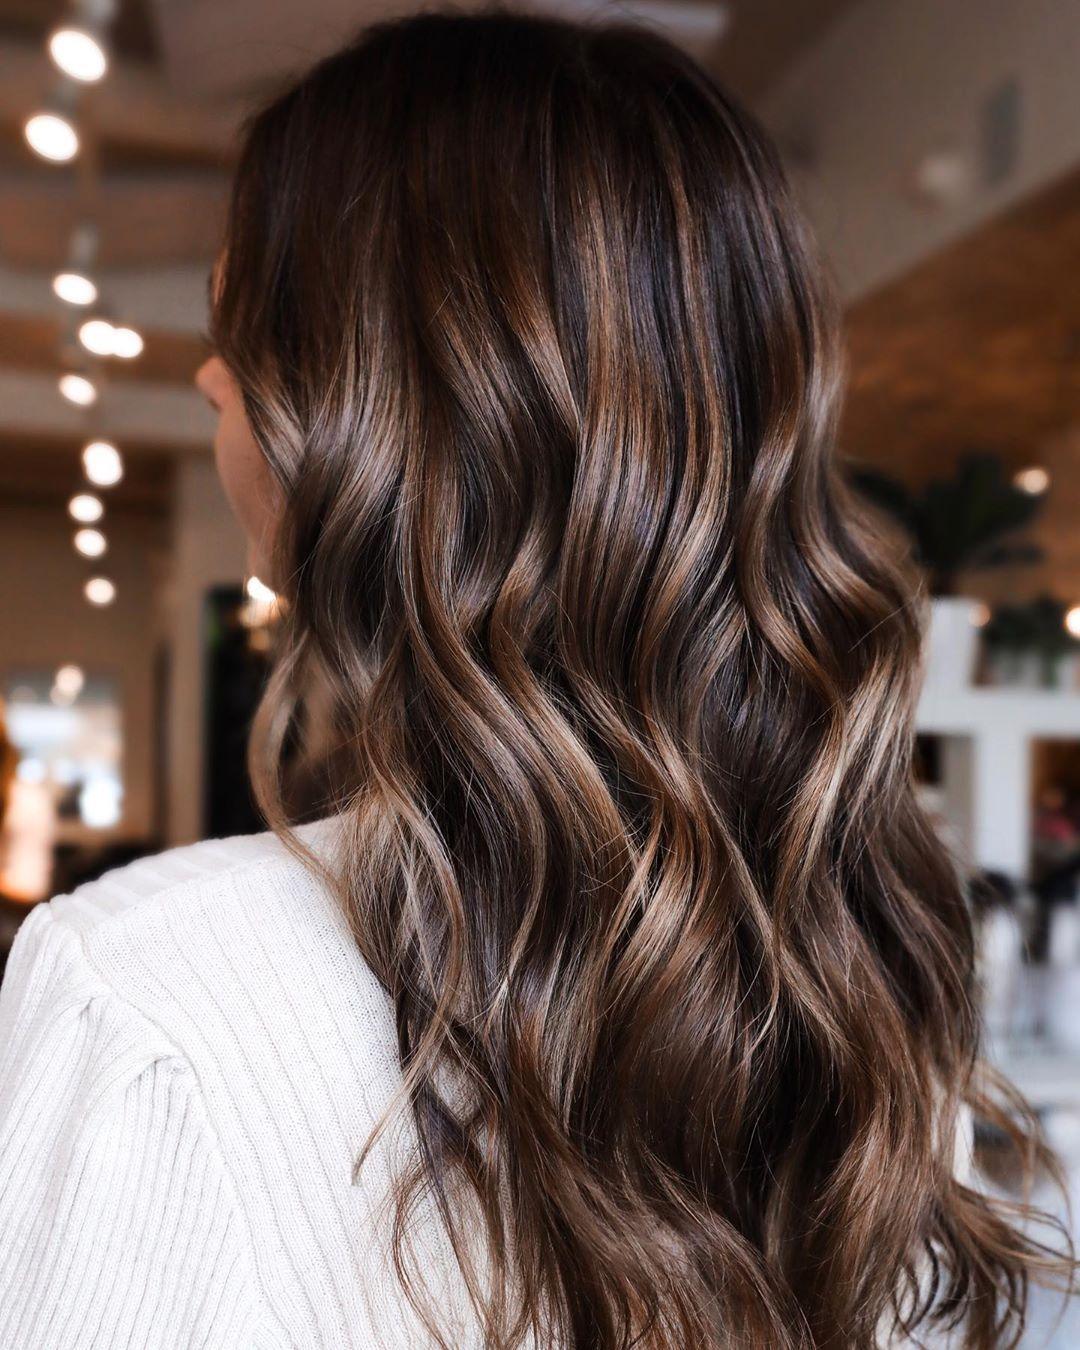 Kurkuma-Latte, Smoky-Cacao: Die neuen Haarfarben-Trends für 2020 sehen genauso schön aus wie sie klingen. Entdecken Sie hier die It-Farben fürs kommende Jahr